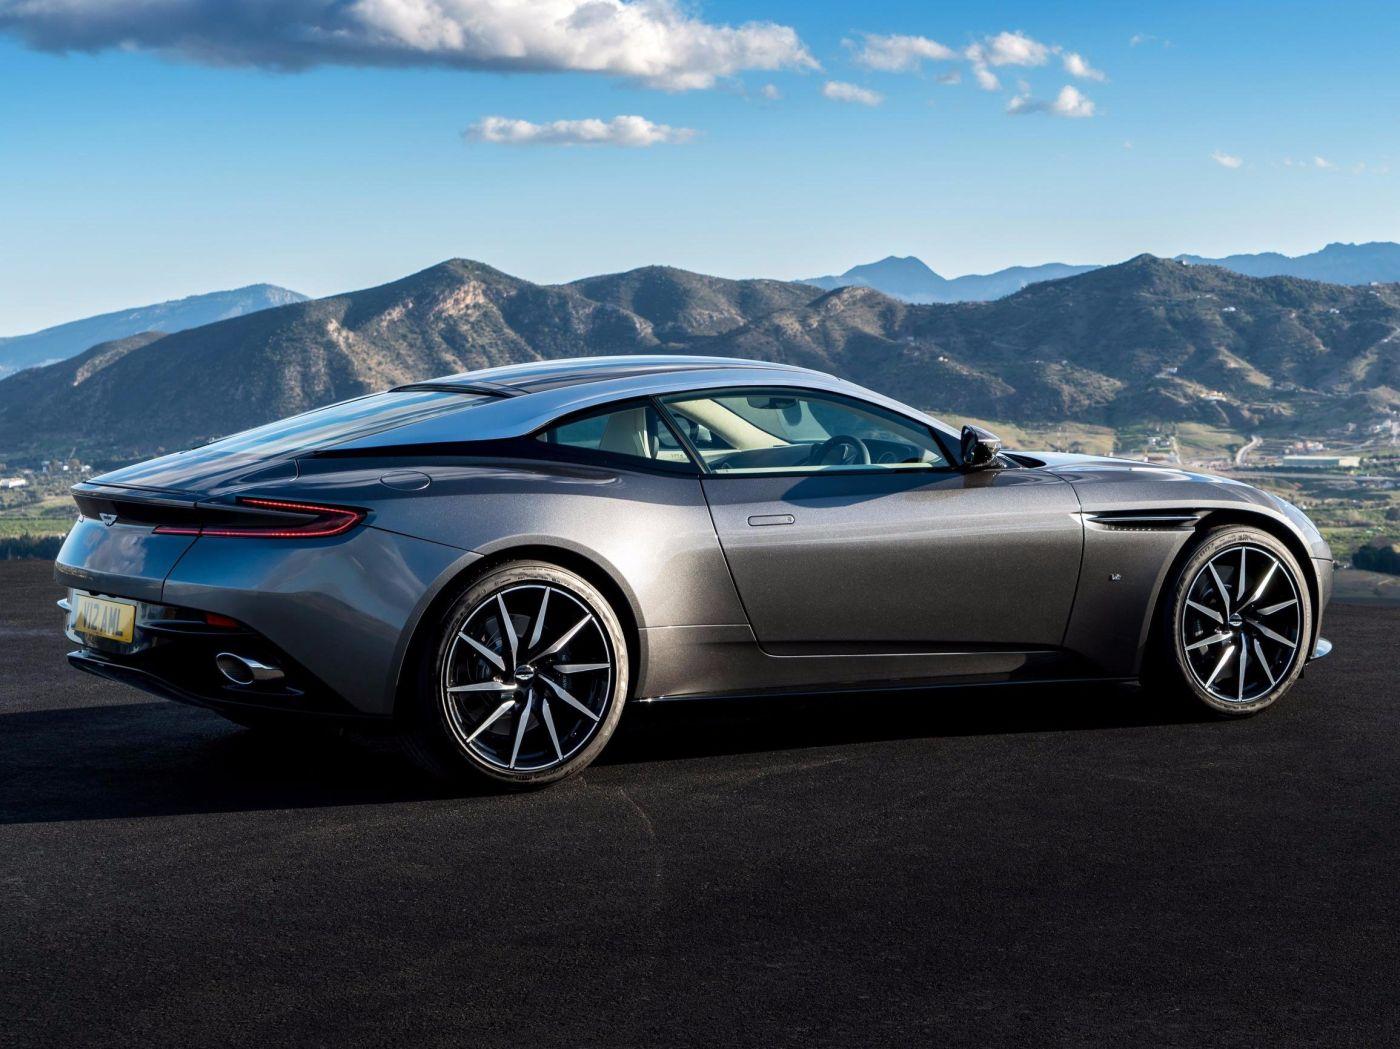 09-Aston-Martin-2_1.jpg